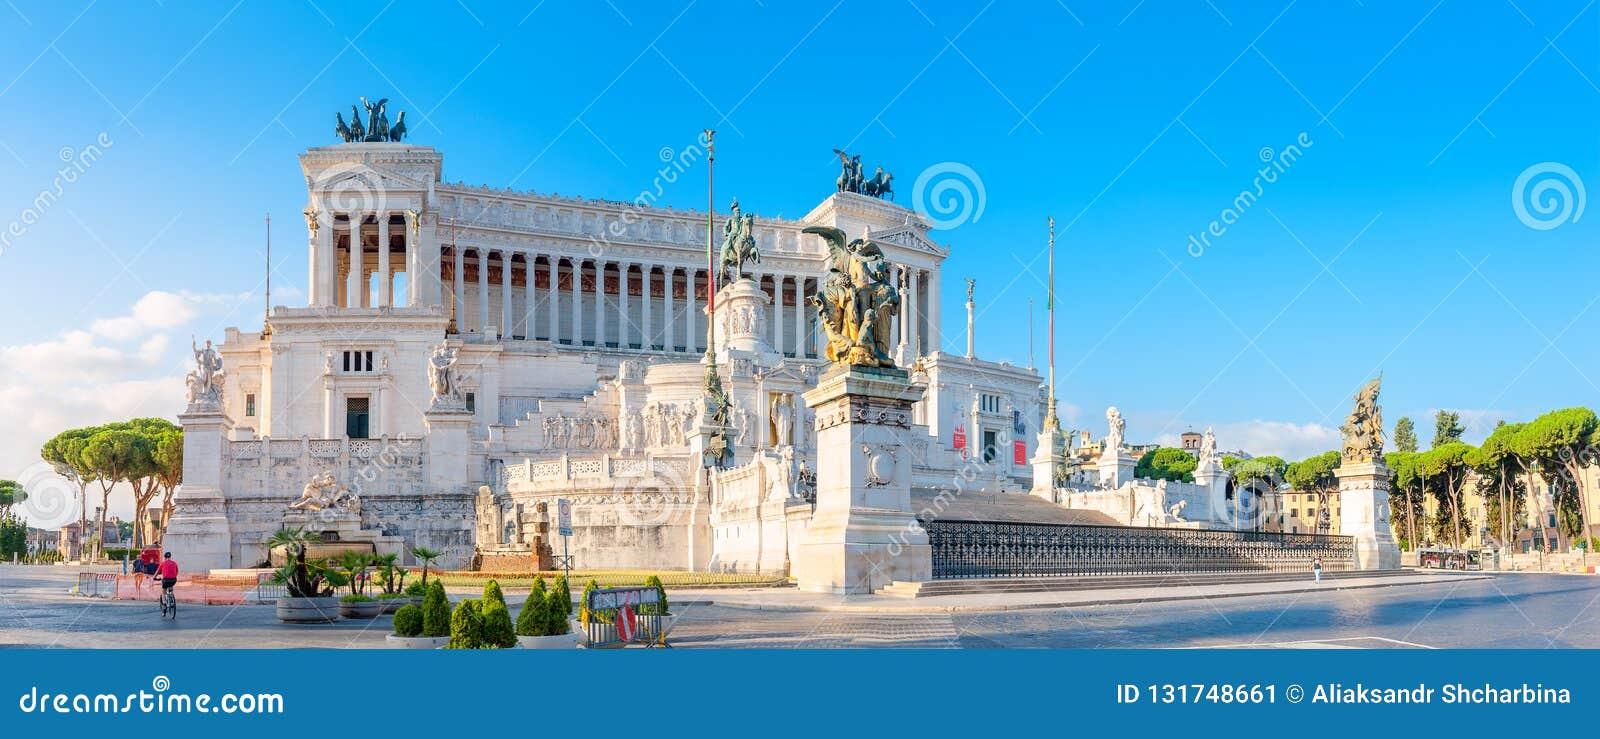 Panorama- av monumentet av Victor Emmanuel II på Venezia Squara på soluppgång